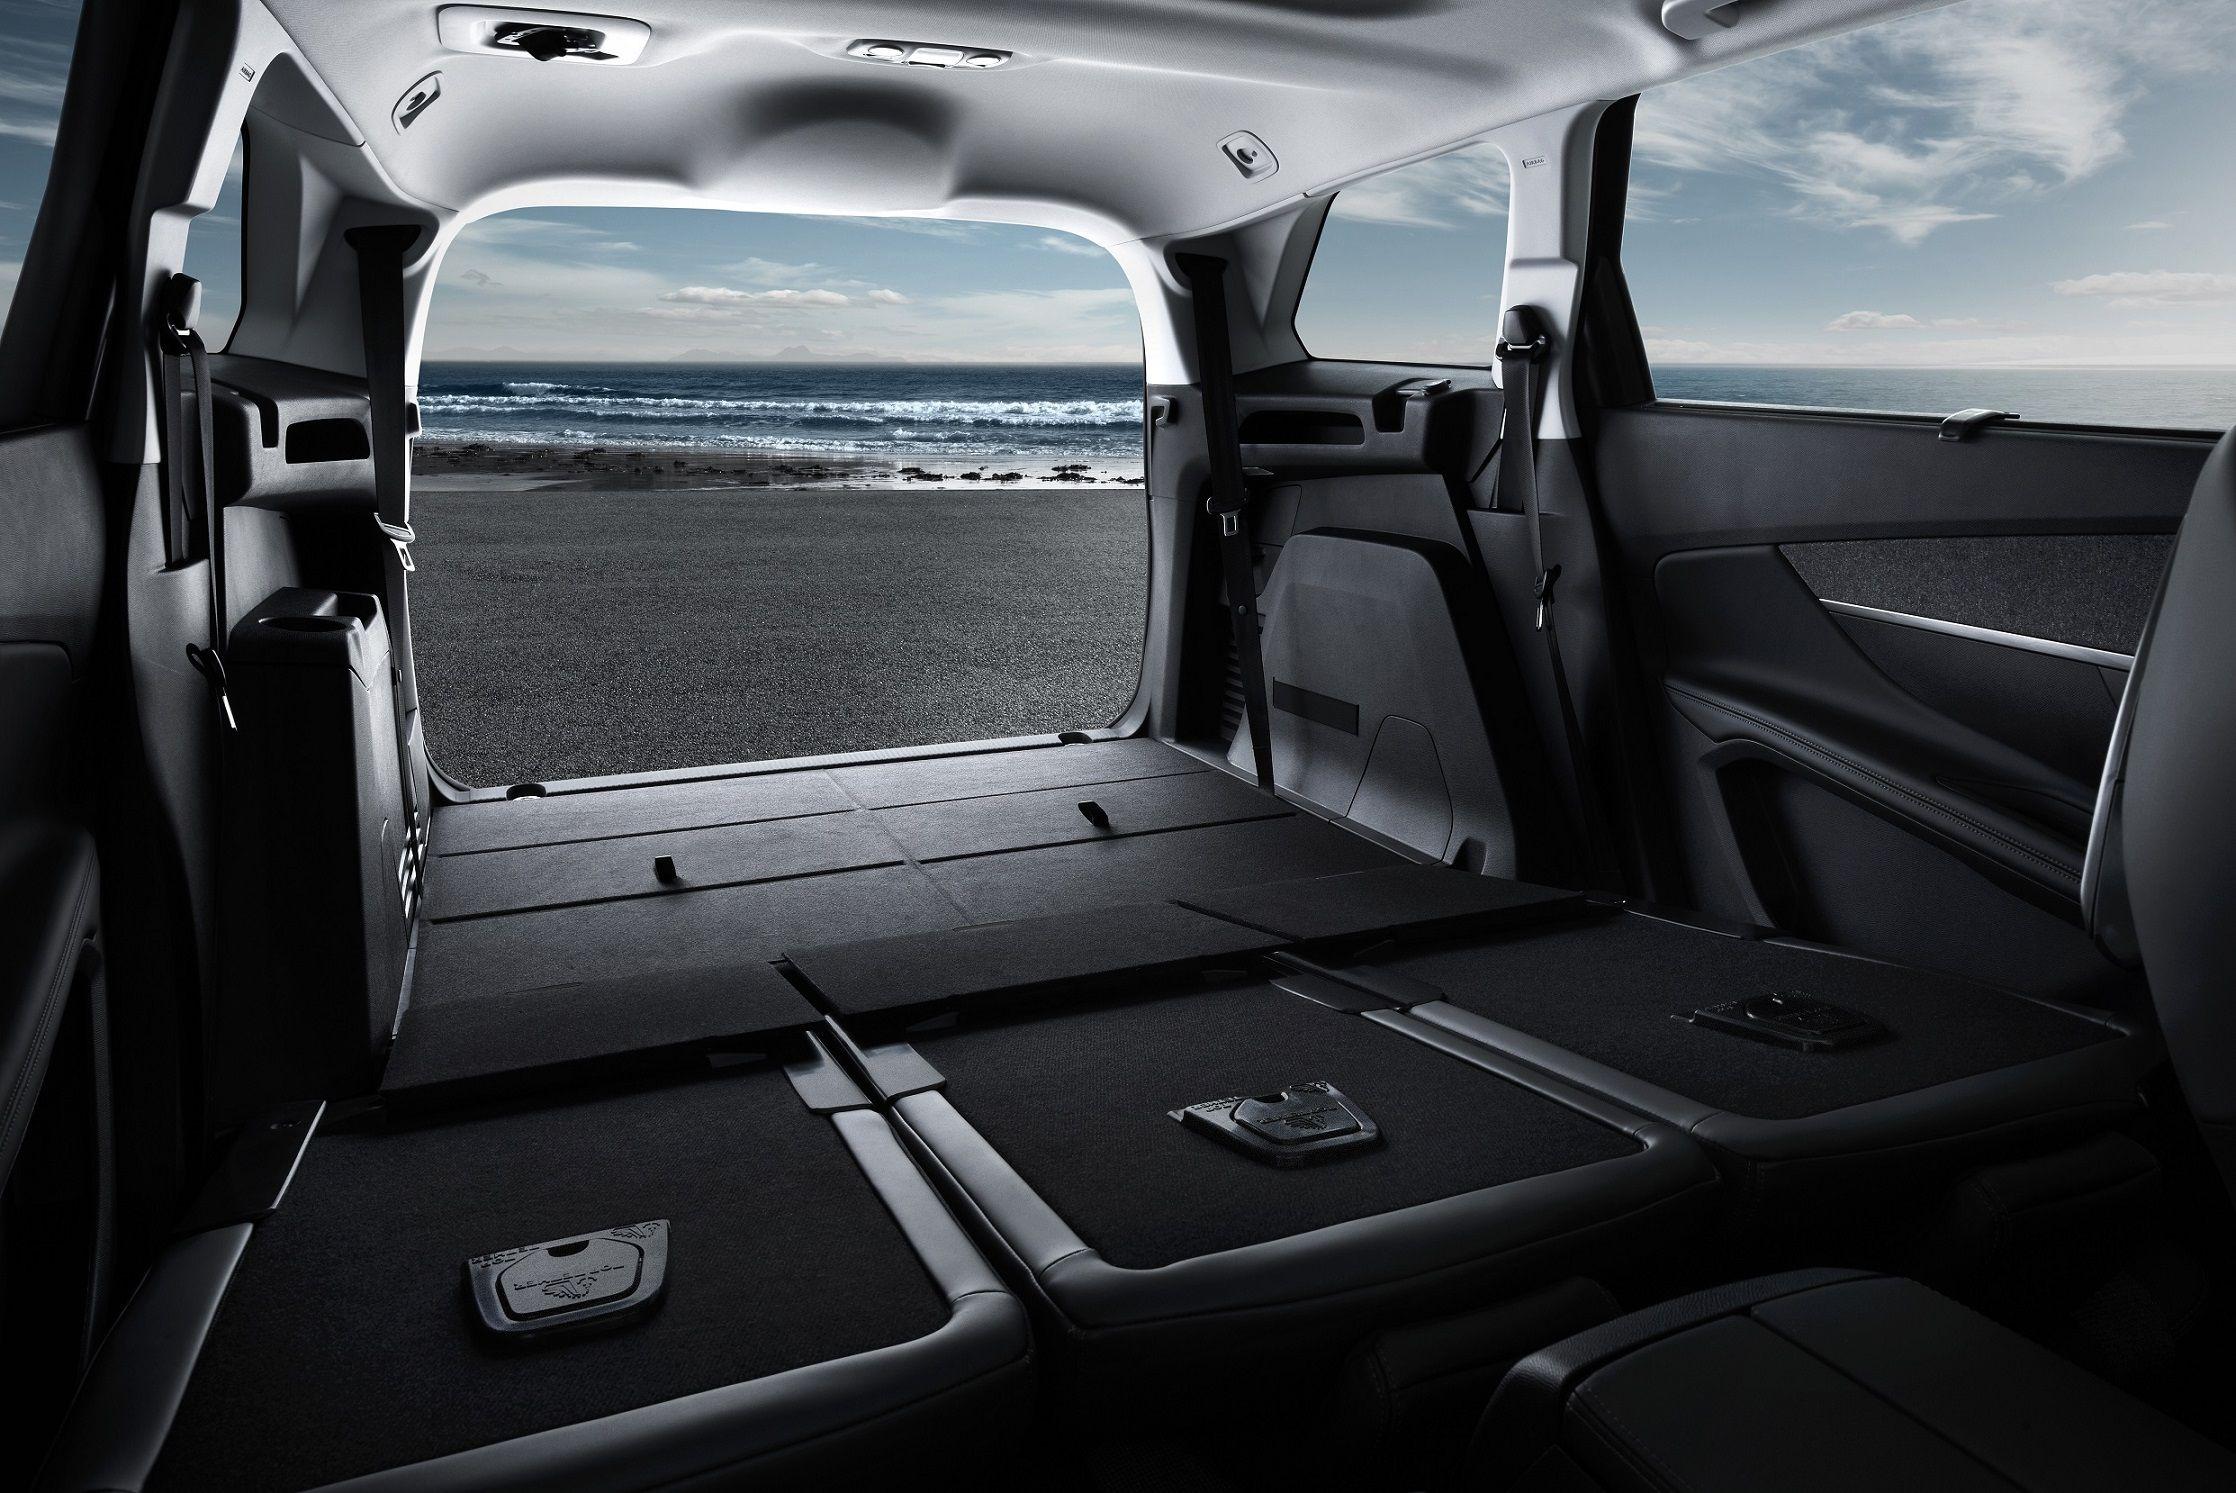 Las vacaciones se llenan de espacio y confort con el Nuevo Peugeot 508 SW y el Peugeot 5008